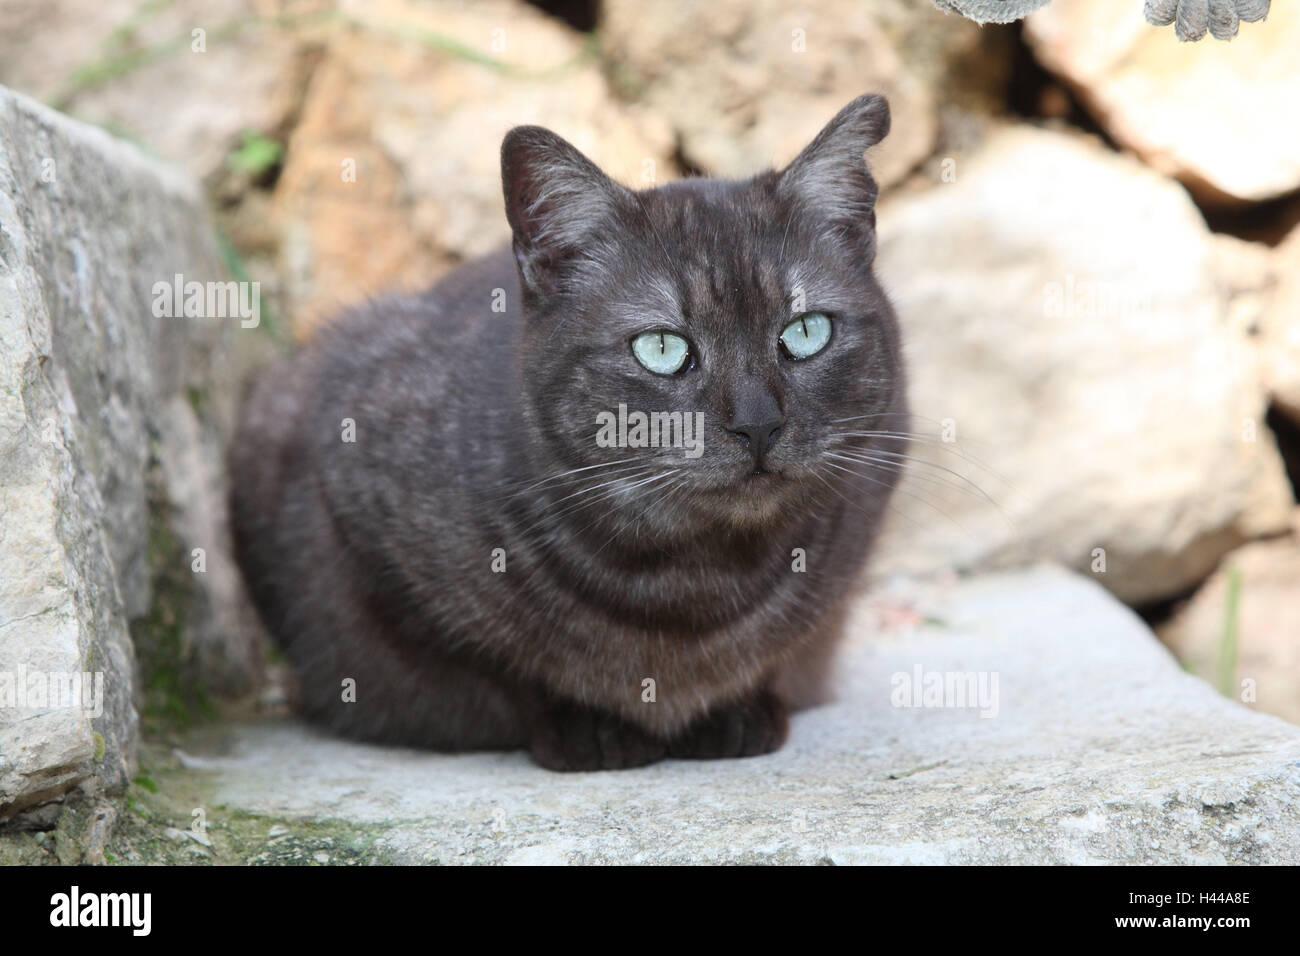 Katze, dunkelgrau, blaue Augen, Crouch, Treppen, Tiere, Säugetiere, Haustiere, kleine Katzen, Felidae, zähmen, Stockbild